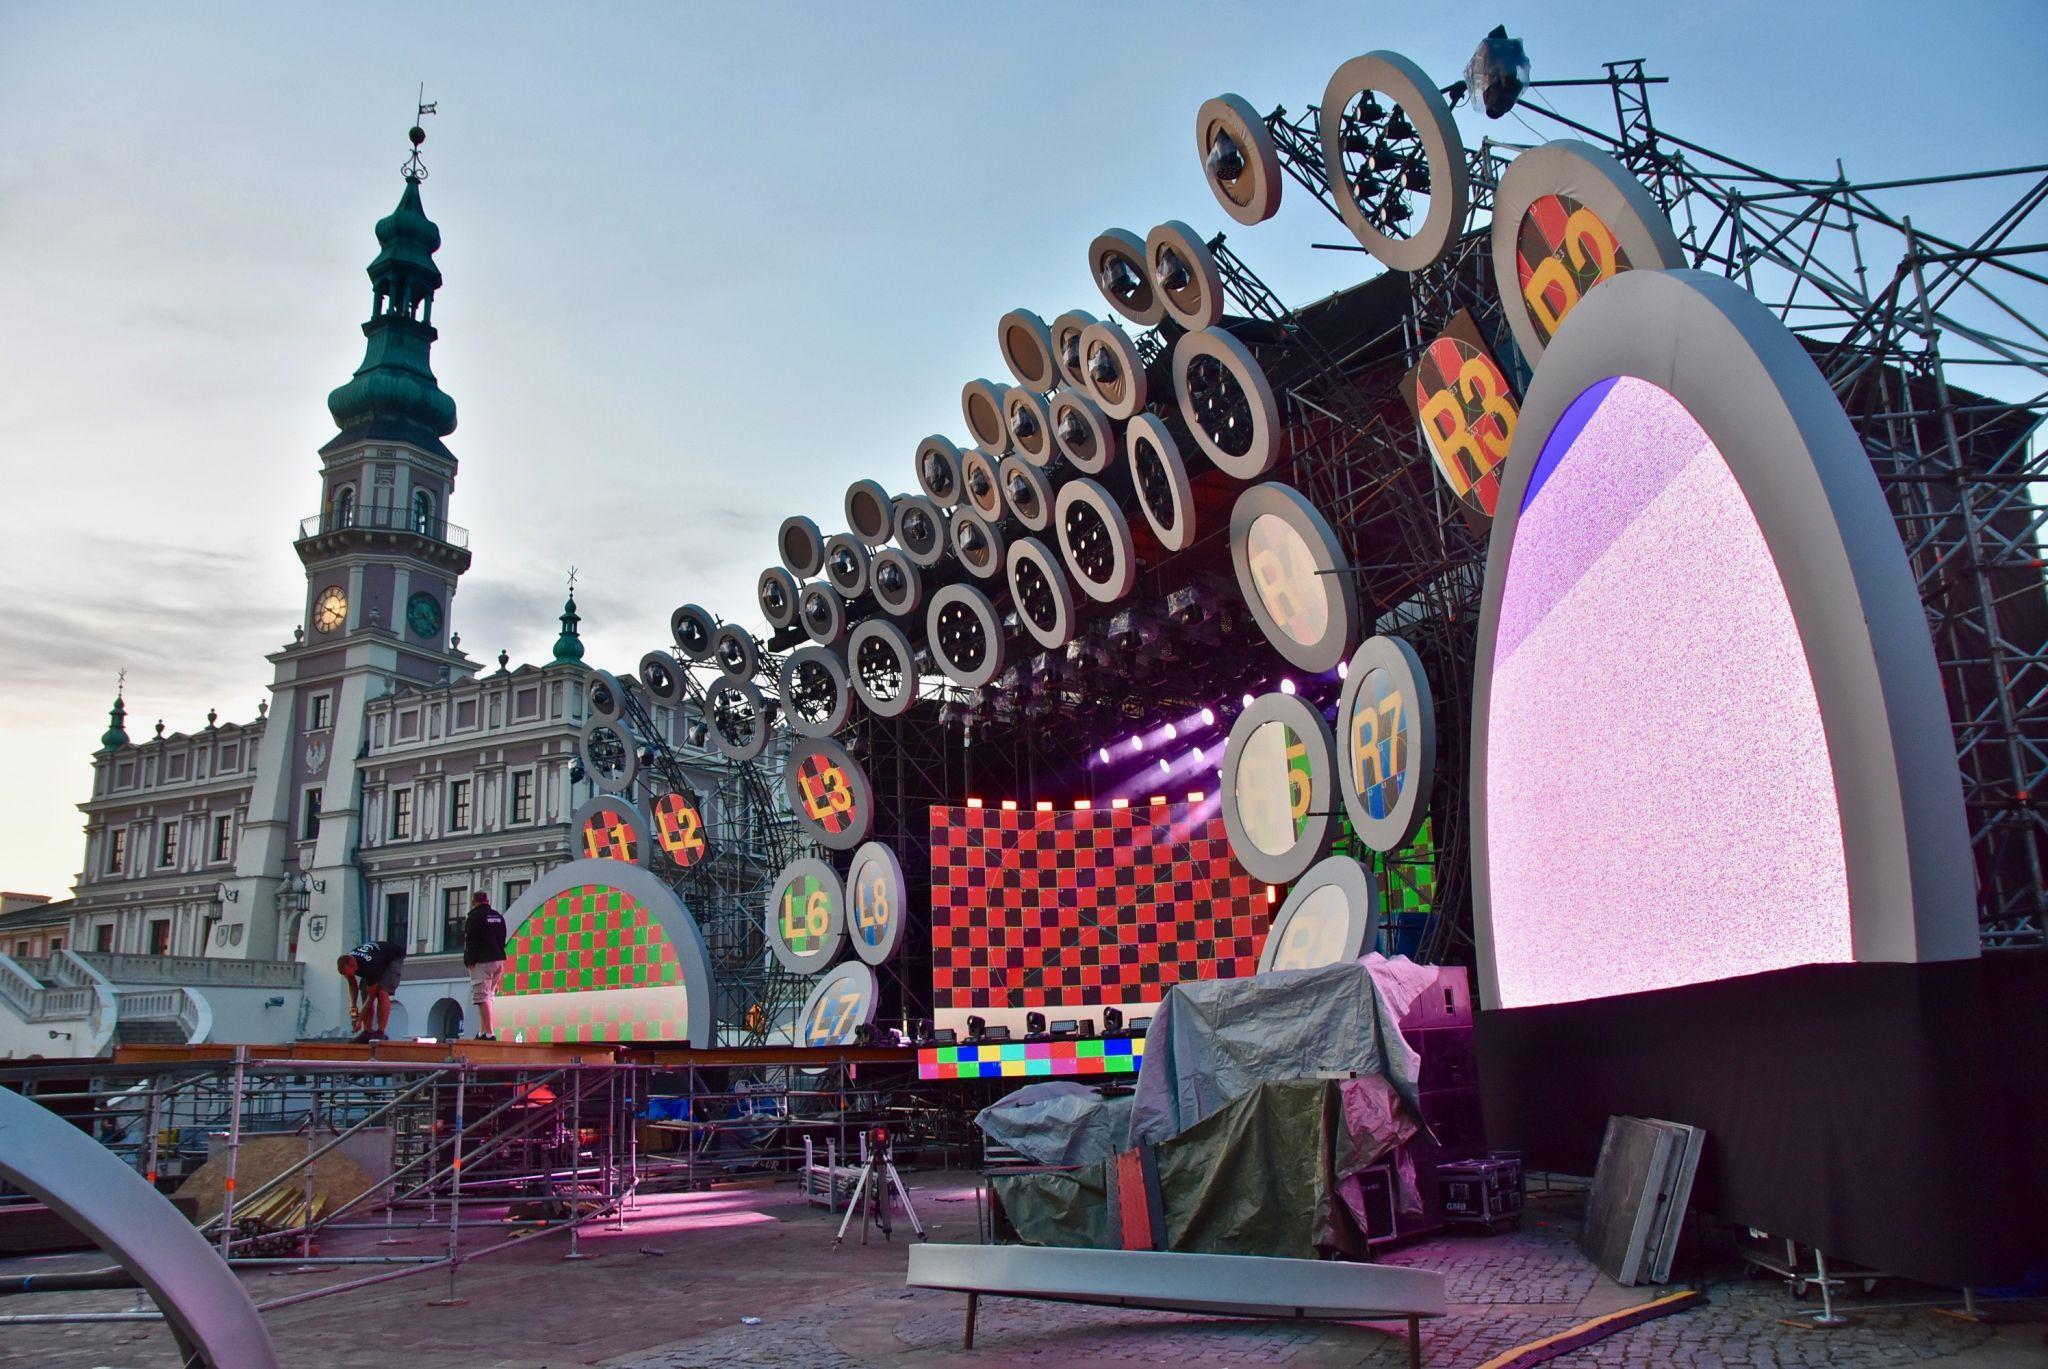 dsc 2977 Kolorowo na Rynku Wielkim - trwają próby oświetleniowe (zdjęcia)